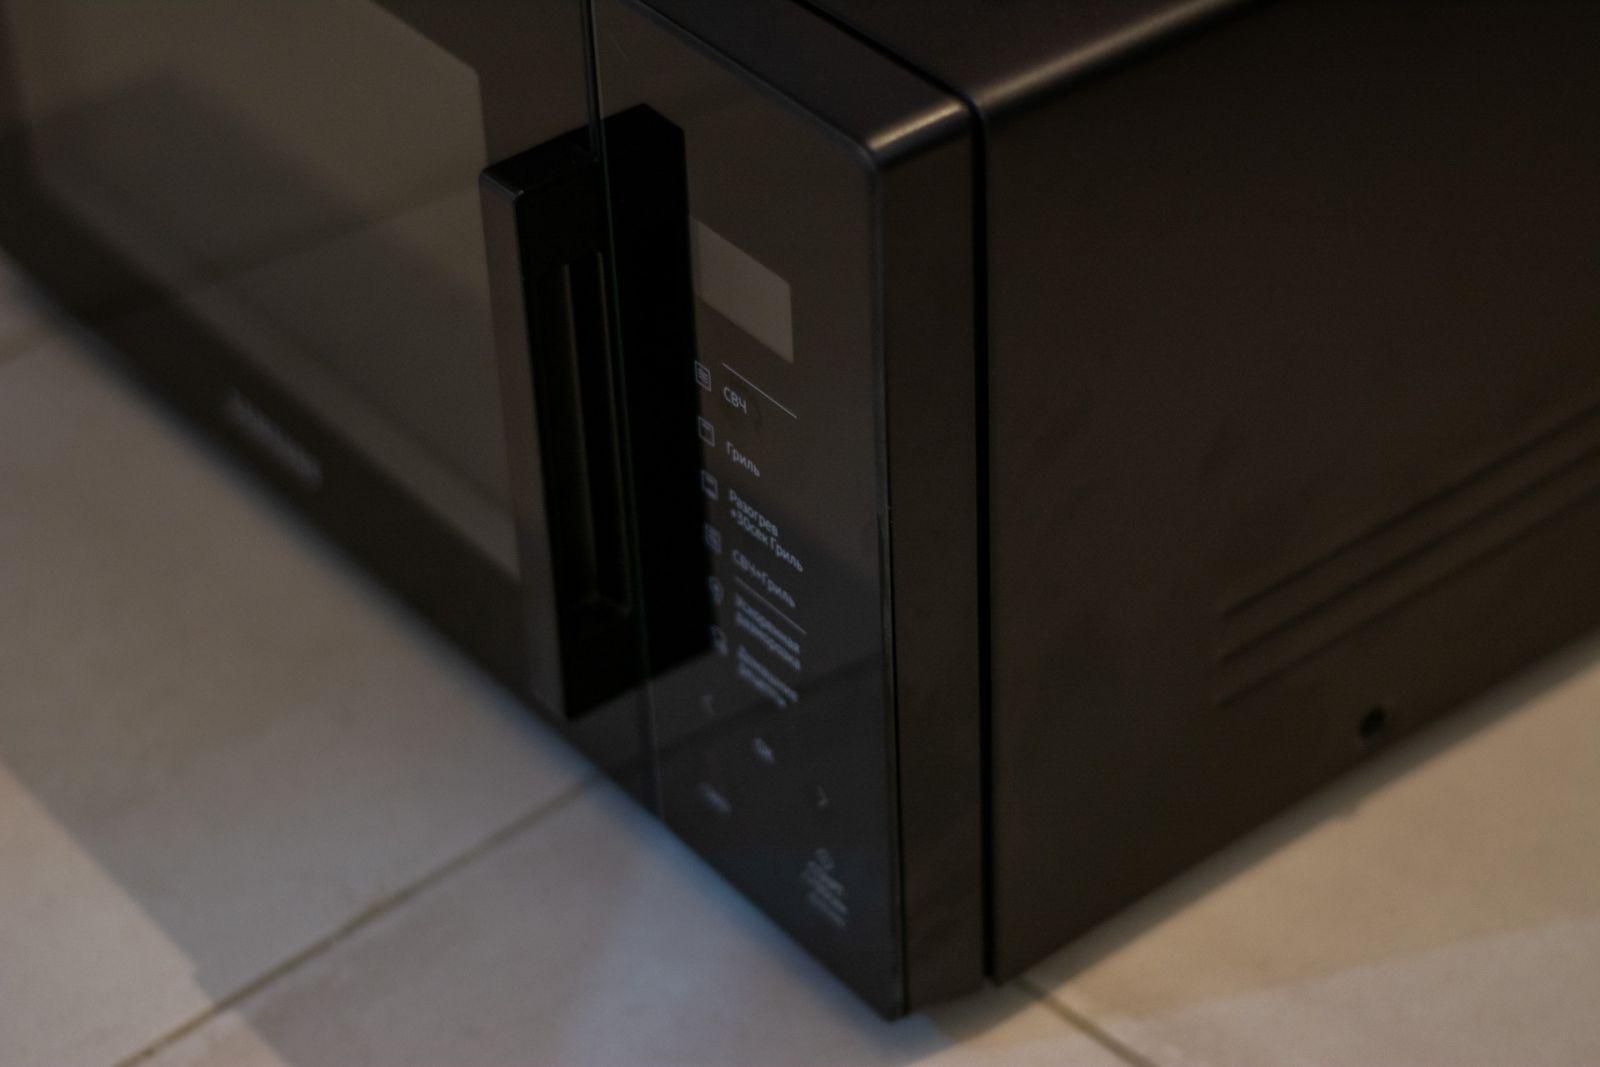 Обзор микроволновой печи Samsung MW5000T: красивая необходимость (dsc 8939)